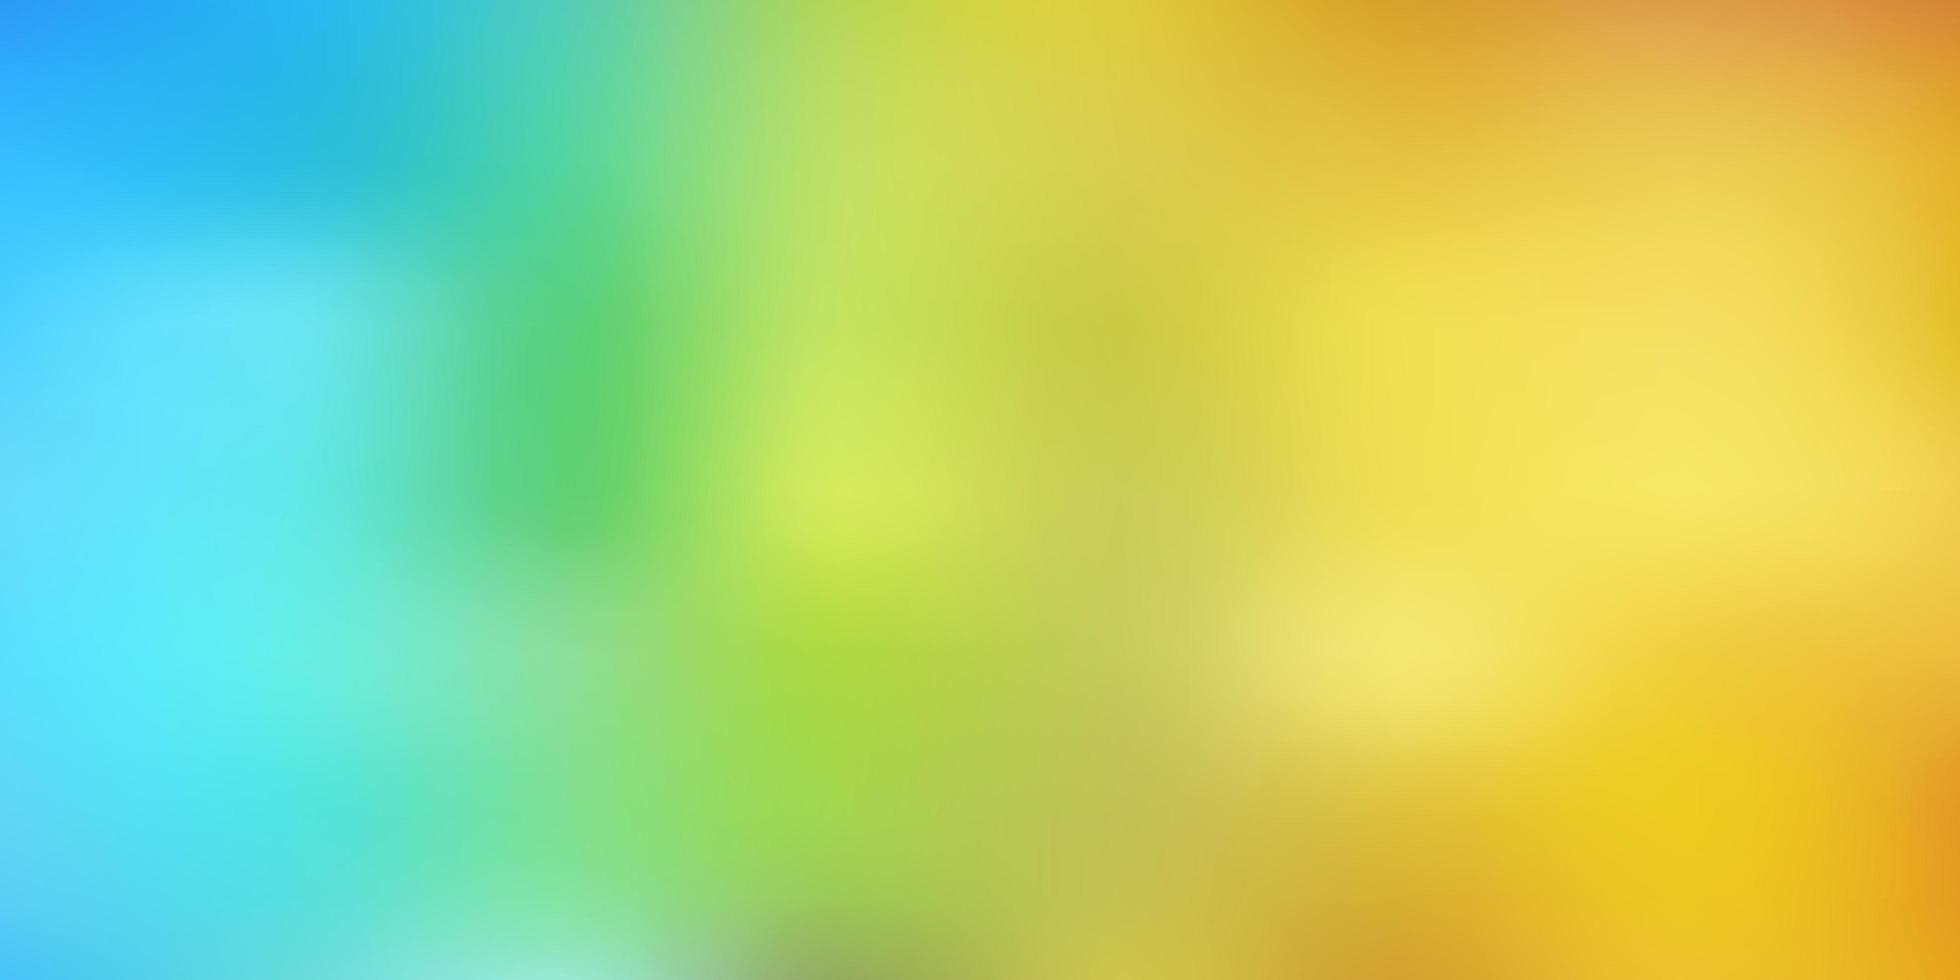 diseño borroso azul claro, amarillo. vector